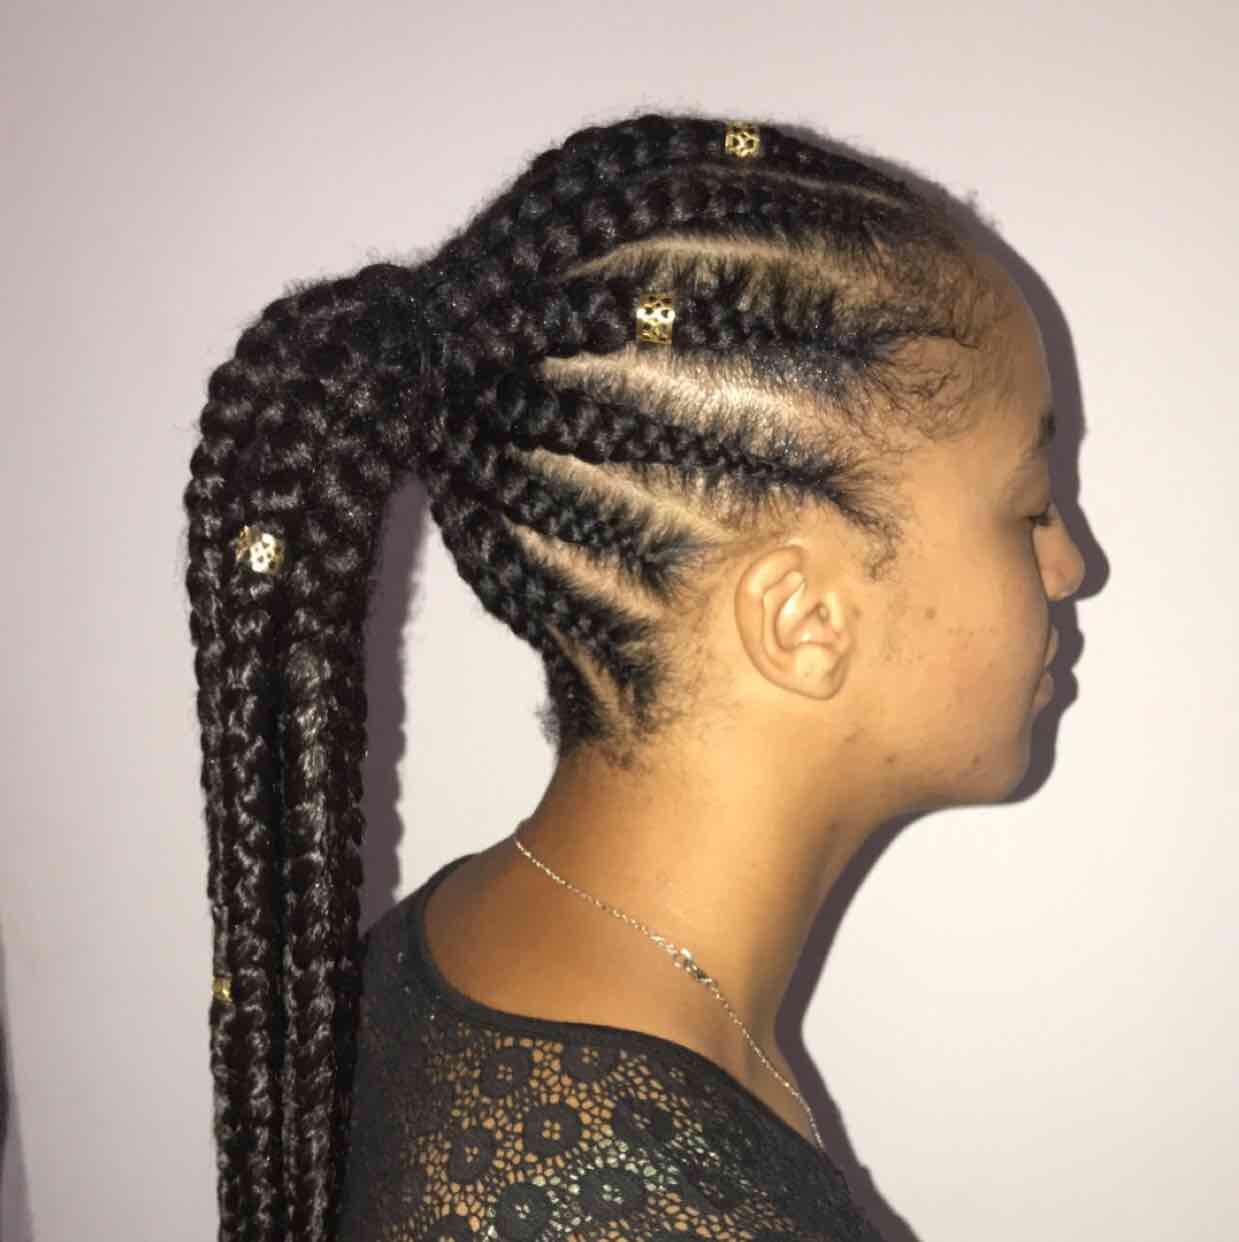 salon de coiffure afro tresse tresses box braids crochet braids vanilles tissages paris 75 77 78 91 92 93 94 95 ZRSRXXVR